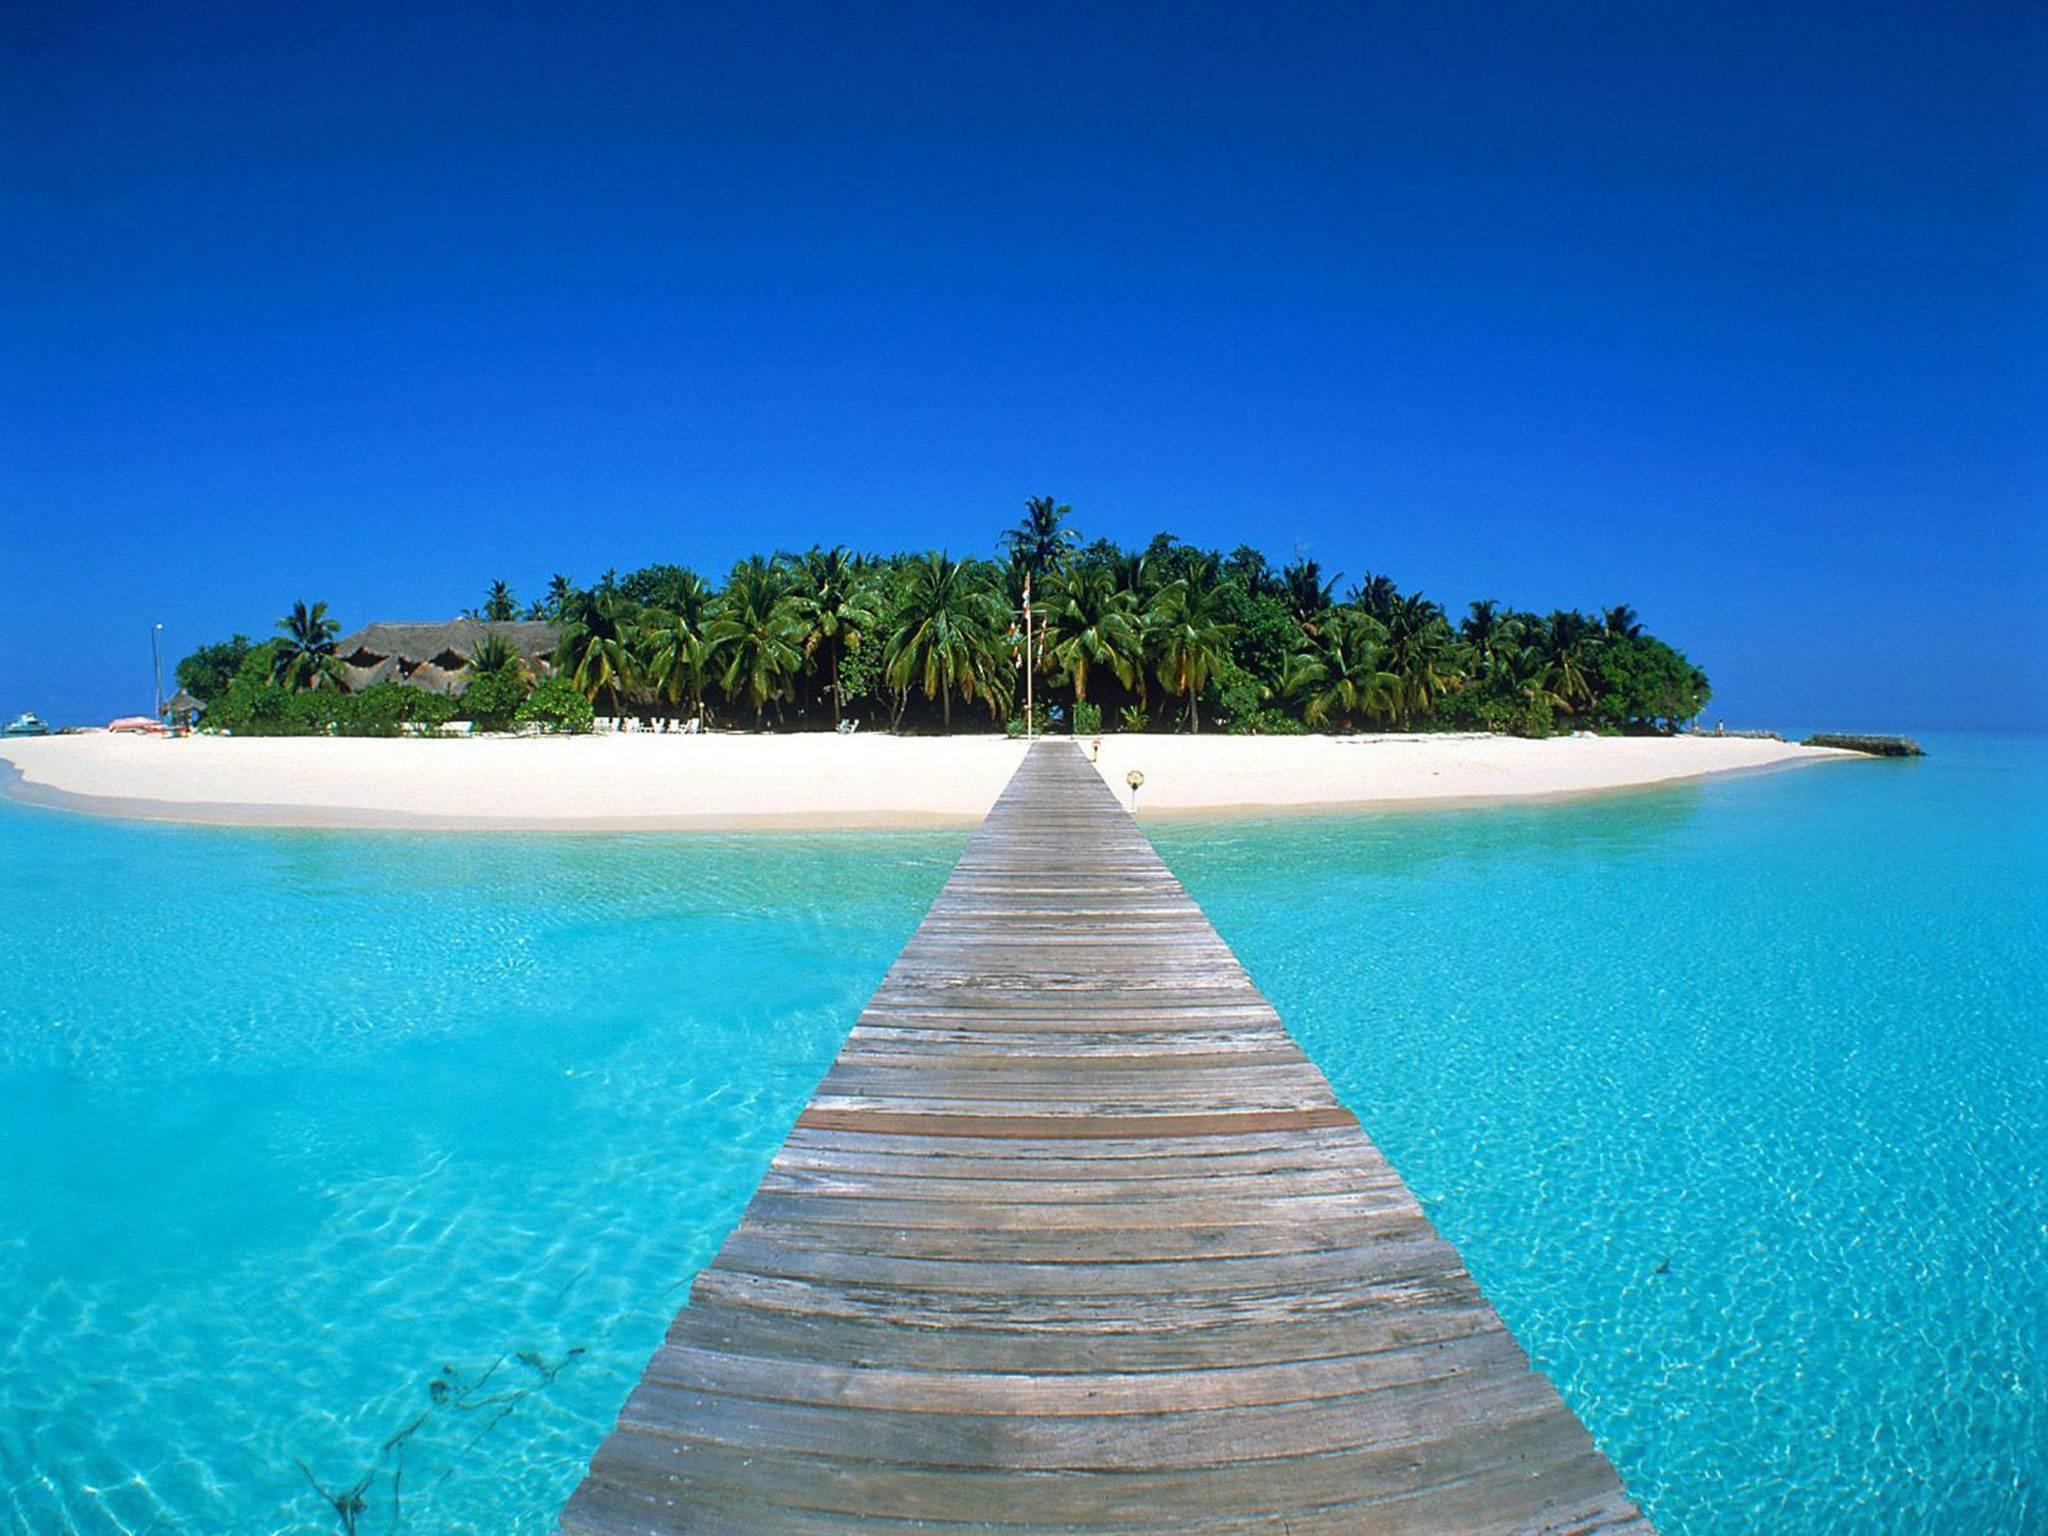 اهم اسرار جزر المالديف (9)